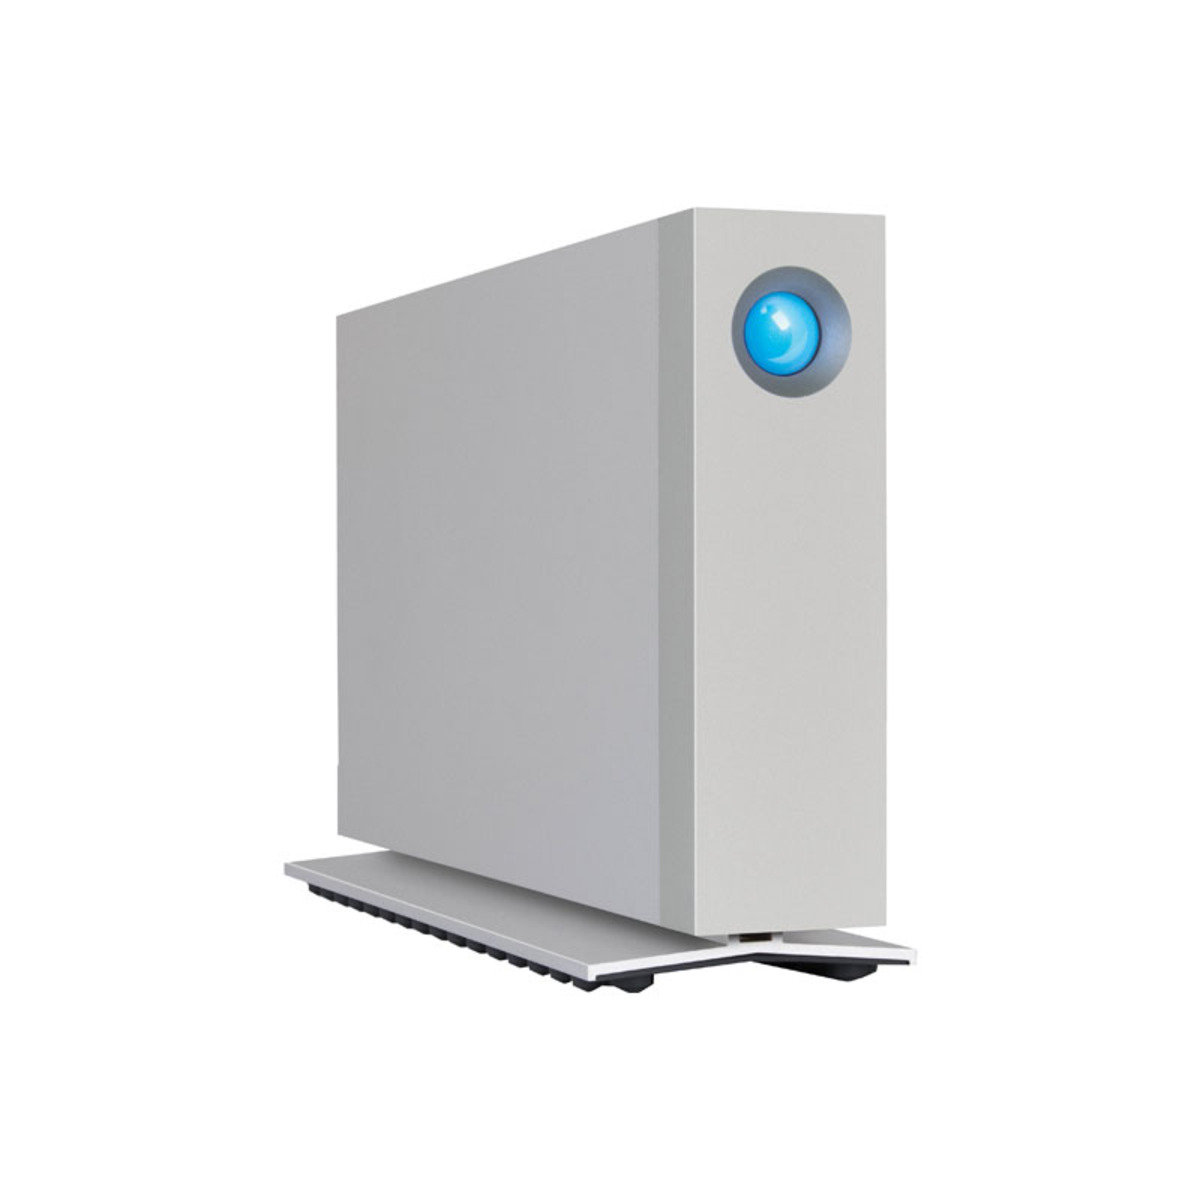 d2 Thunderbolt 2 3TB 3.5吋 外置硬碟 9000492U